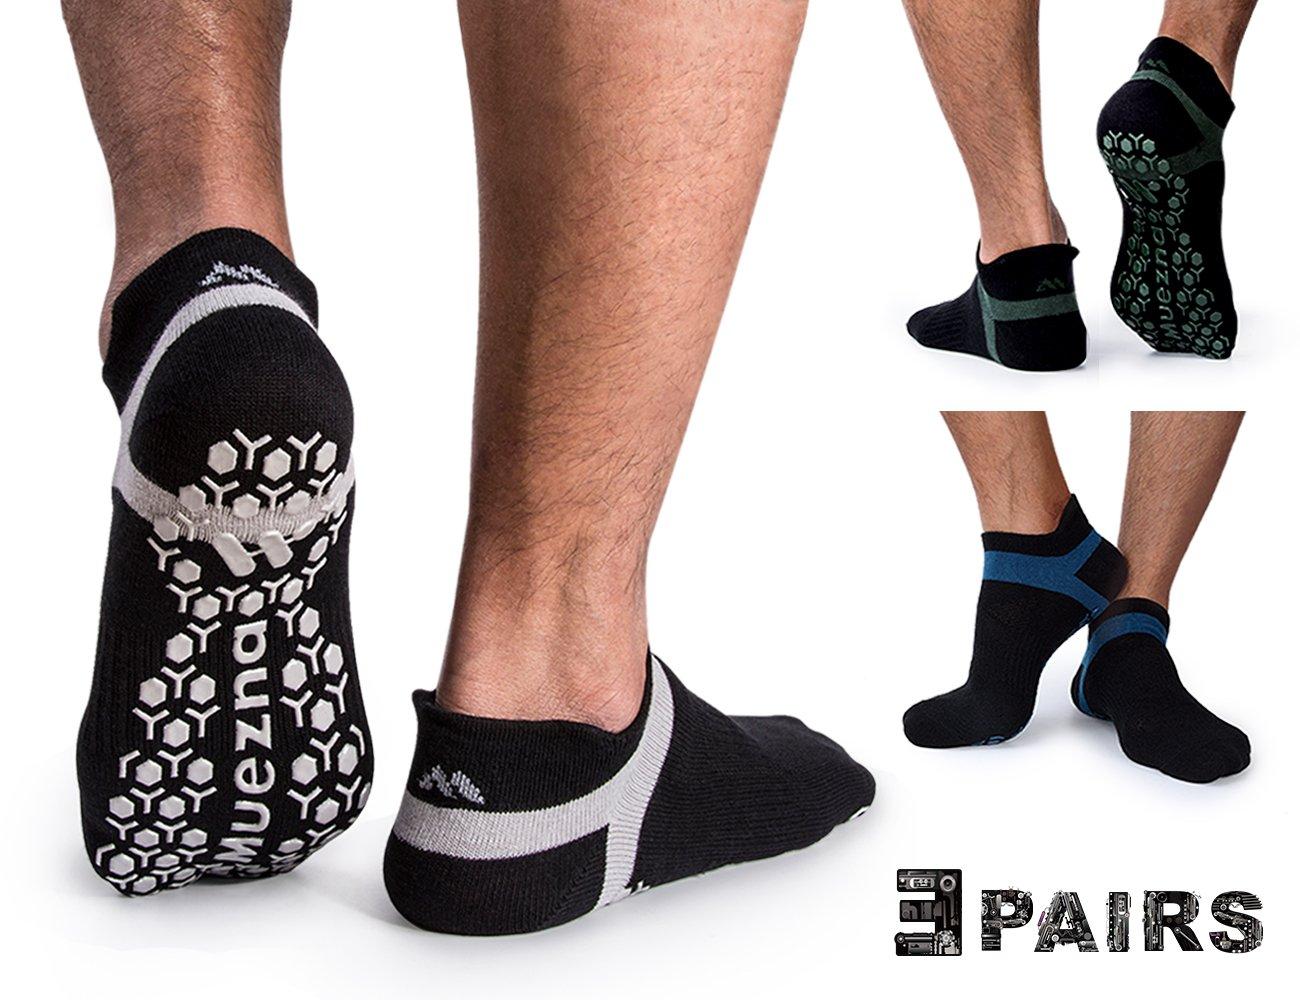 Muezna Herren Anti-Rutsch- Socken, Ideal für solche Sportarten, Yoga, Fitness Pilates Kampfkunst Tanz Gymnastik .Größen von 38 bis 43, atmende Baumwolle, Yoga Socken